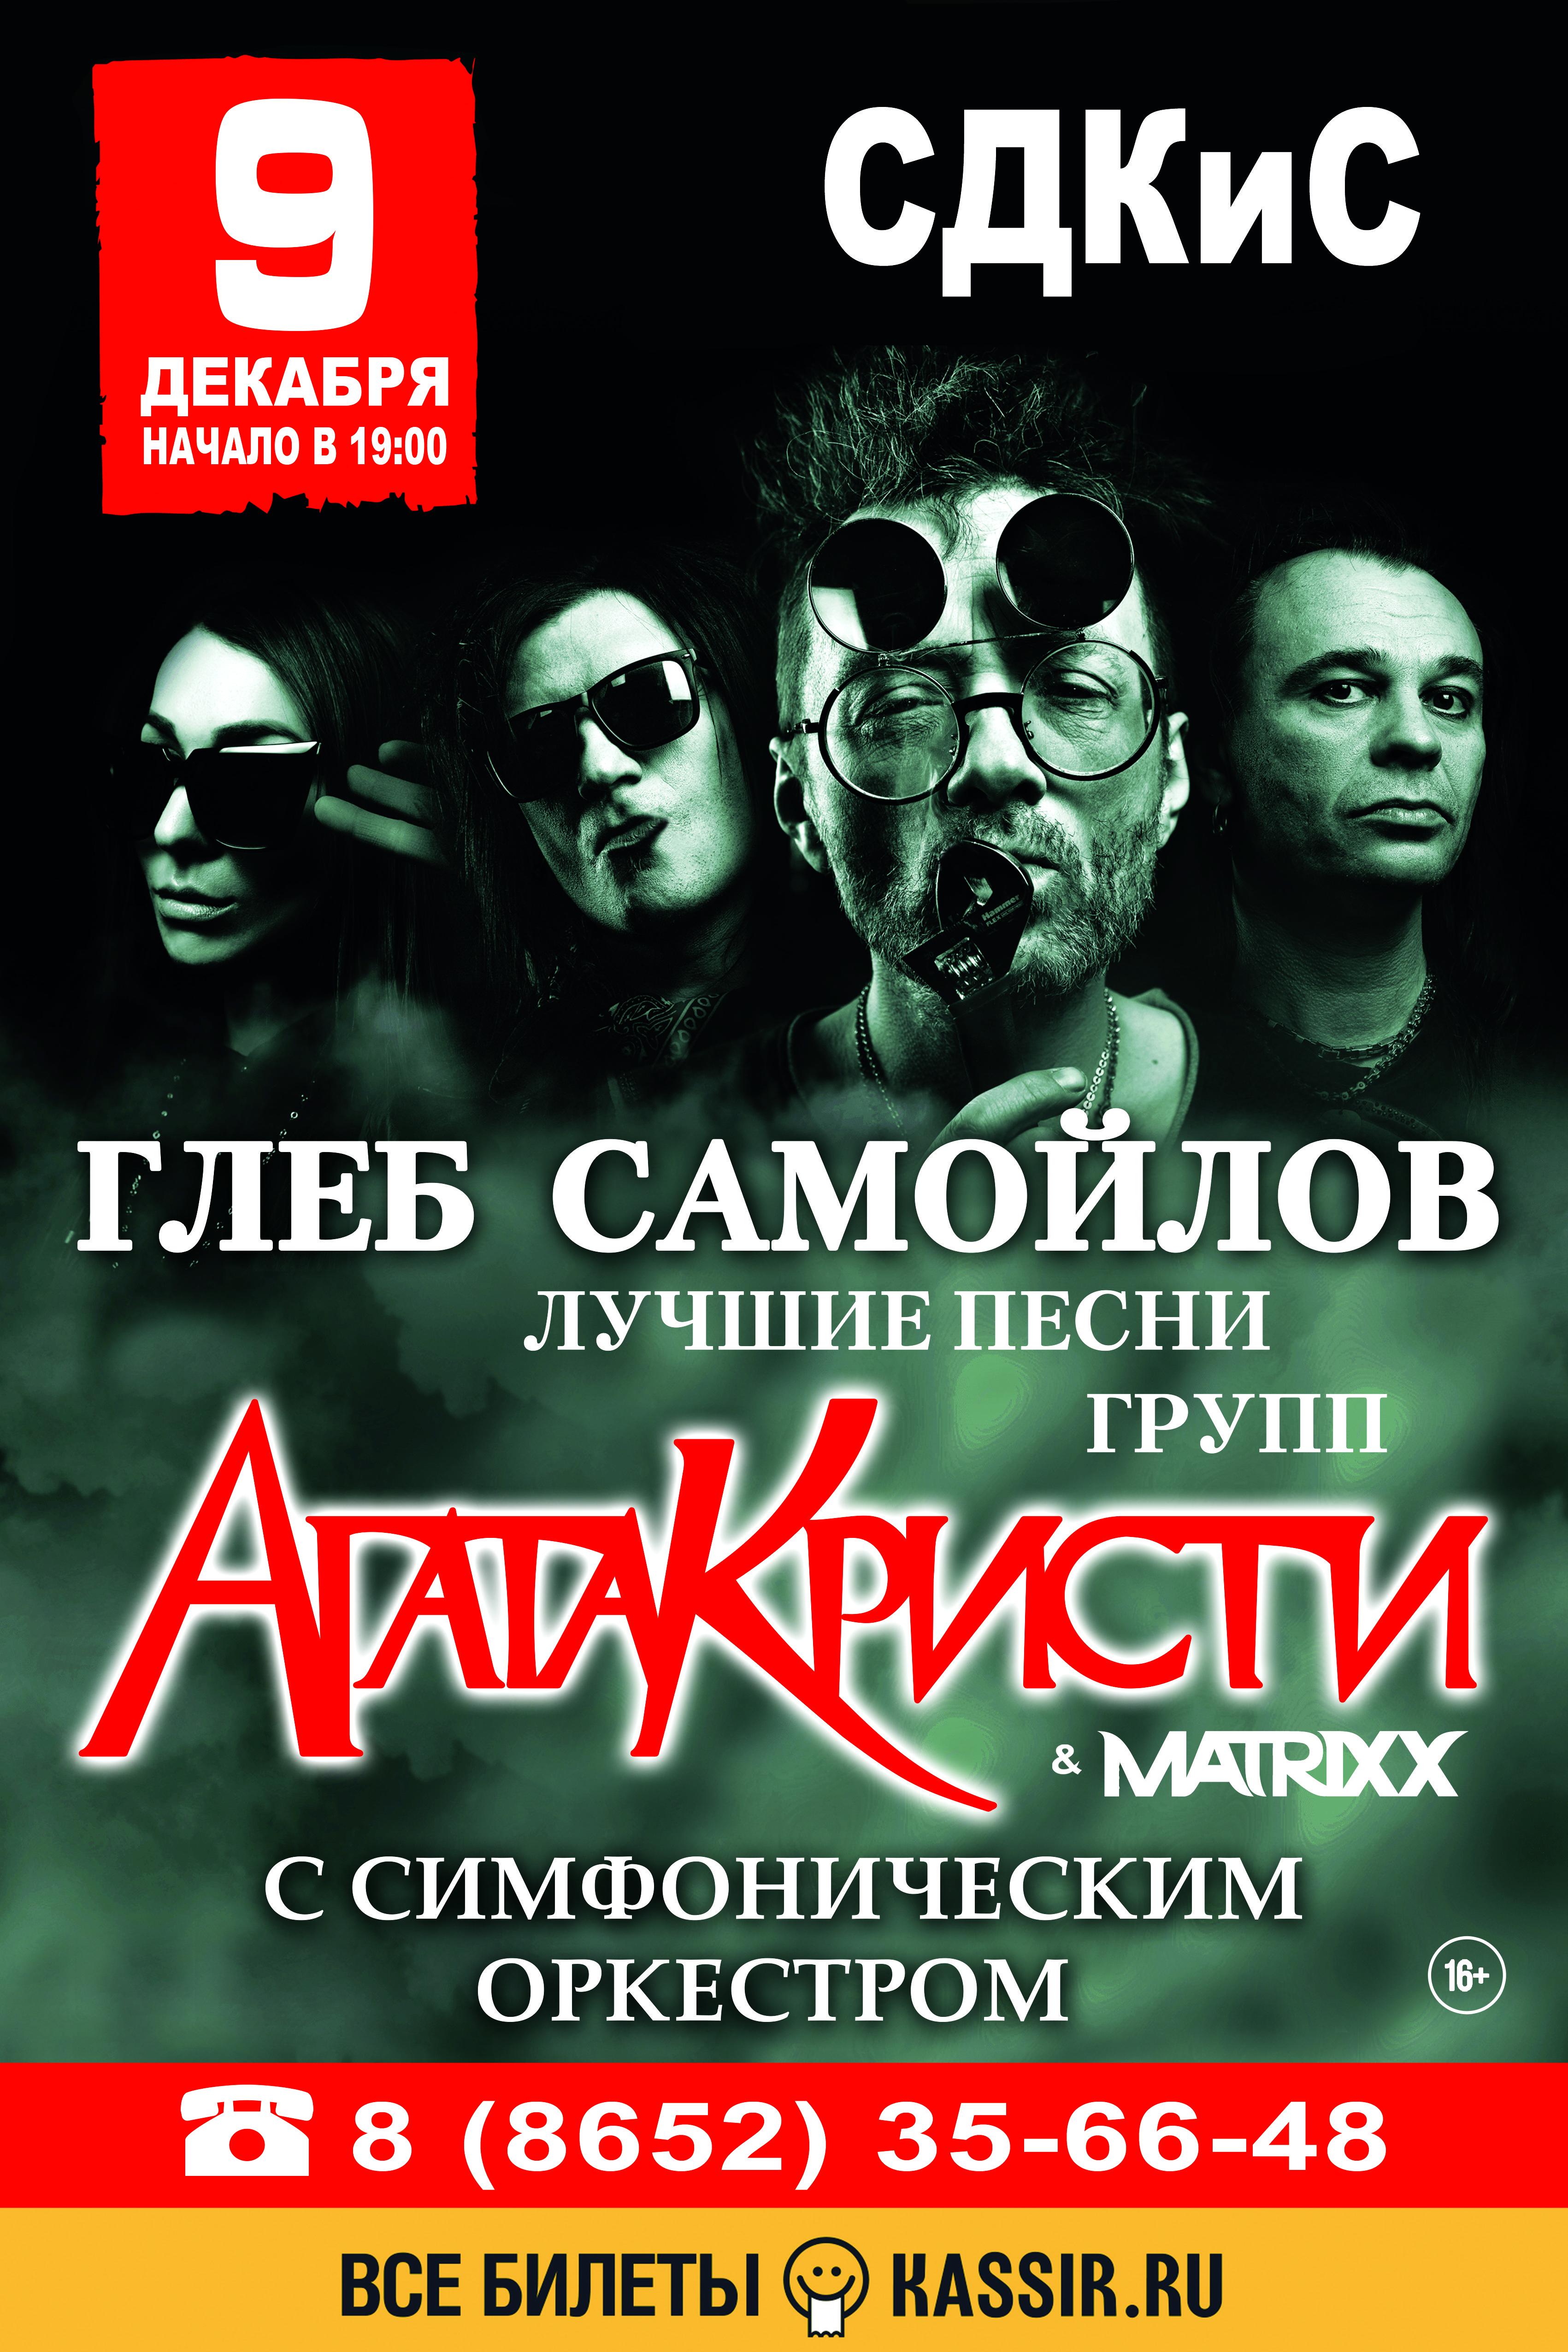 Ставрополь (в сопровождении симфонического оркестра) @ СДКиС